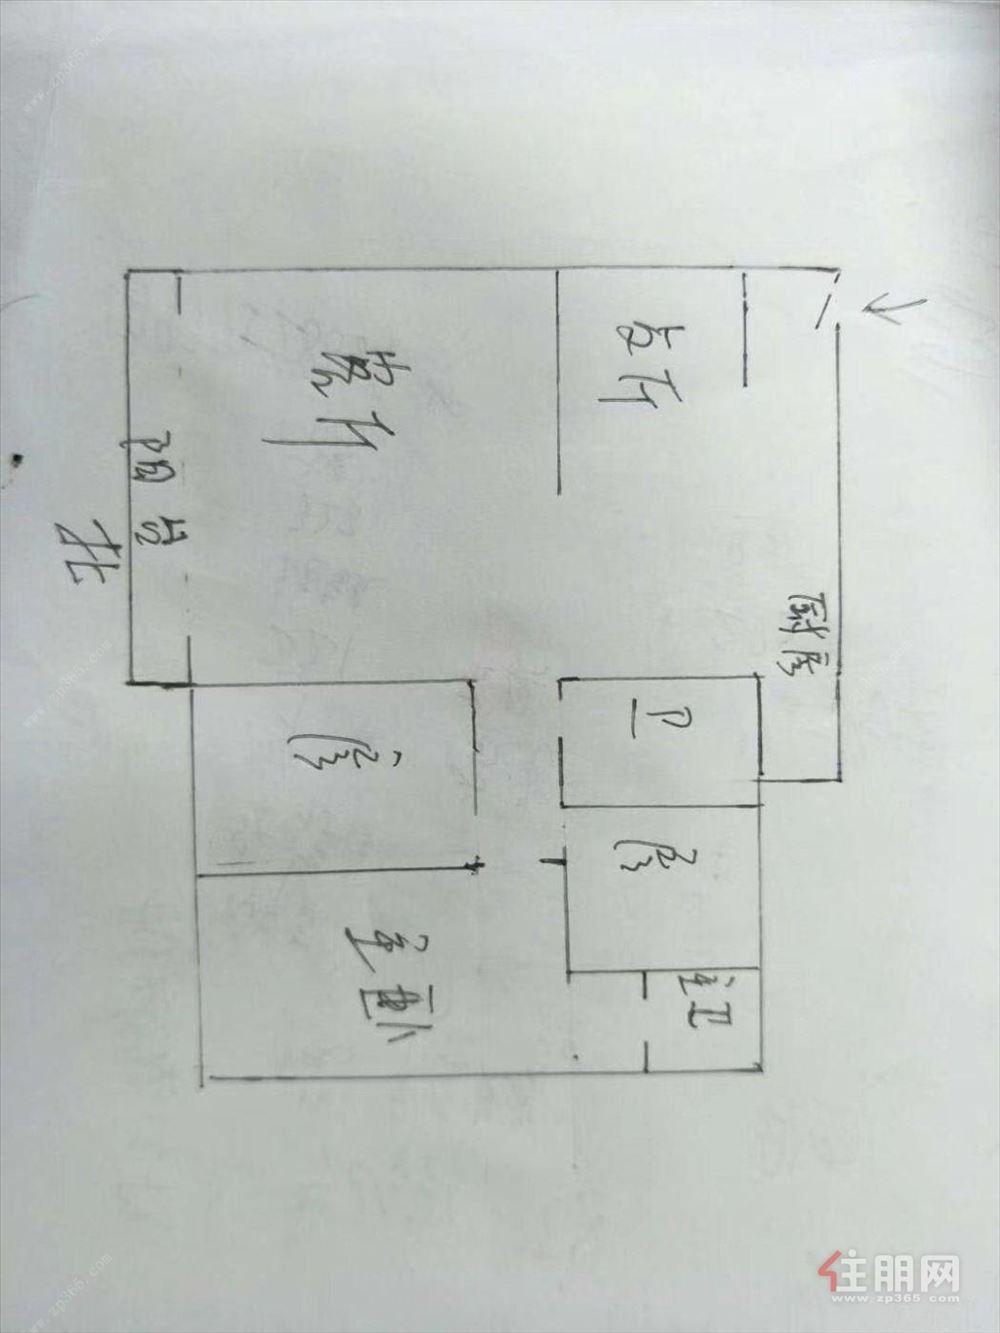 玉林电信小区内好房,送26平方车库